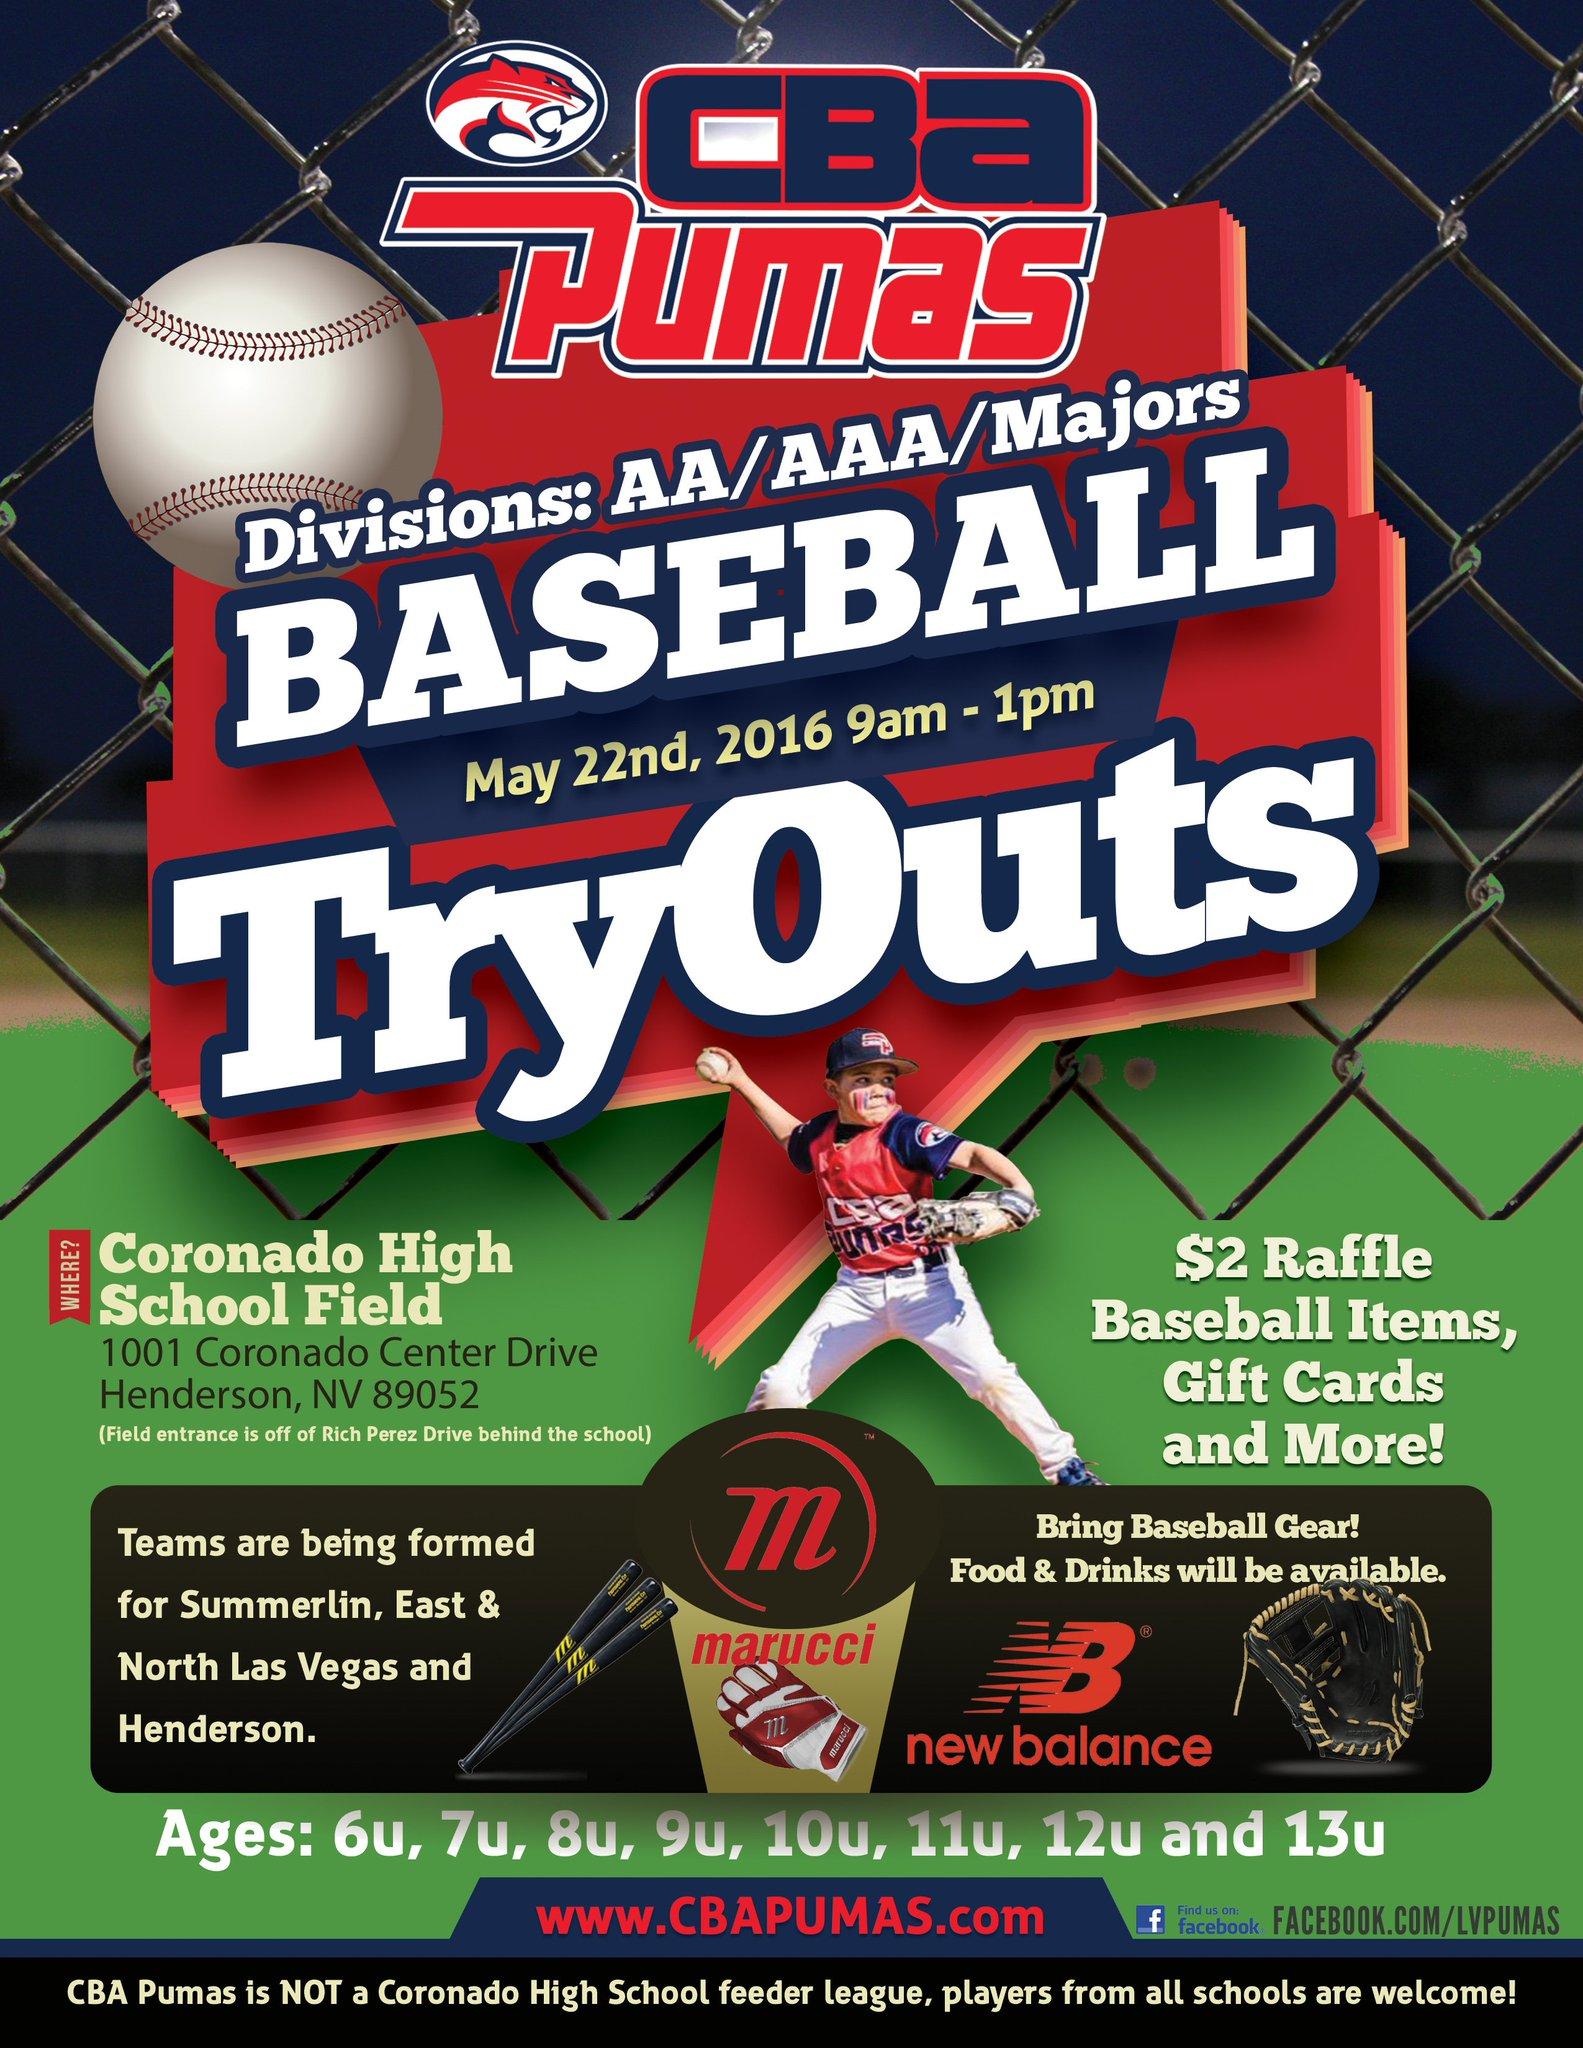 Jay Matos On Twitter Cba Pumas Baseball Tryouts May 22 9am 1pm